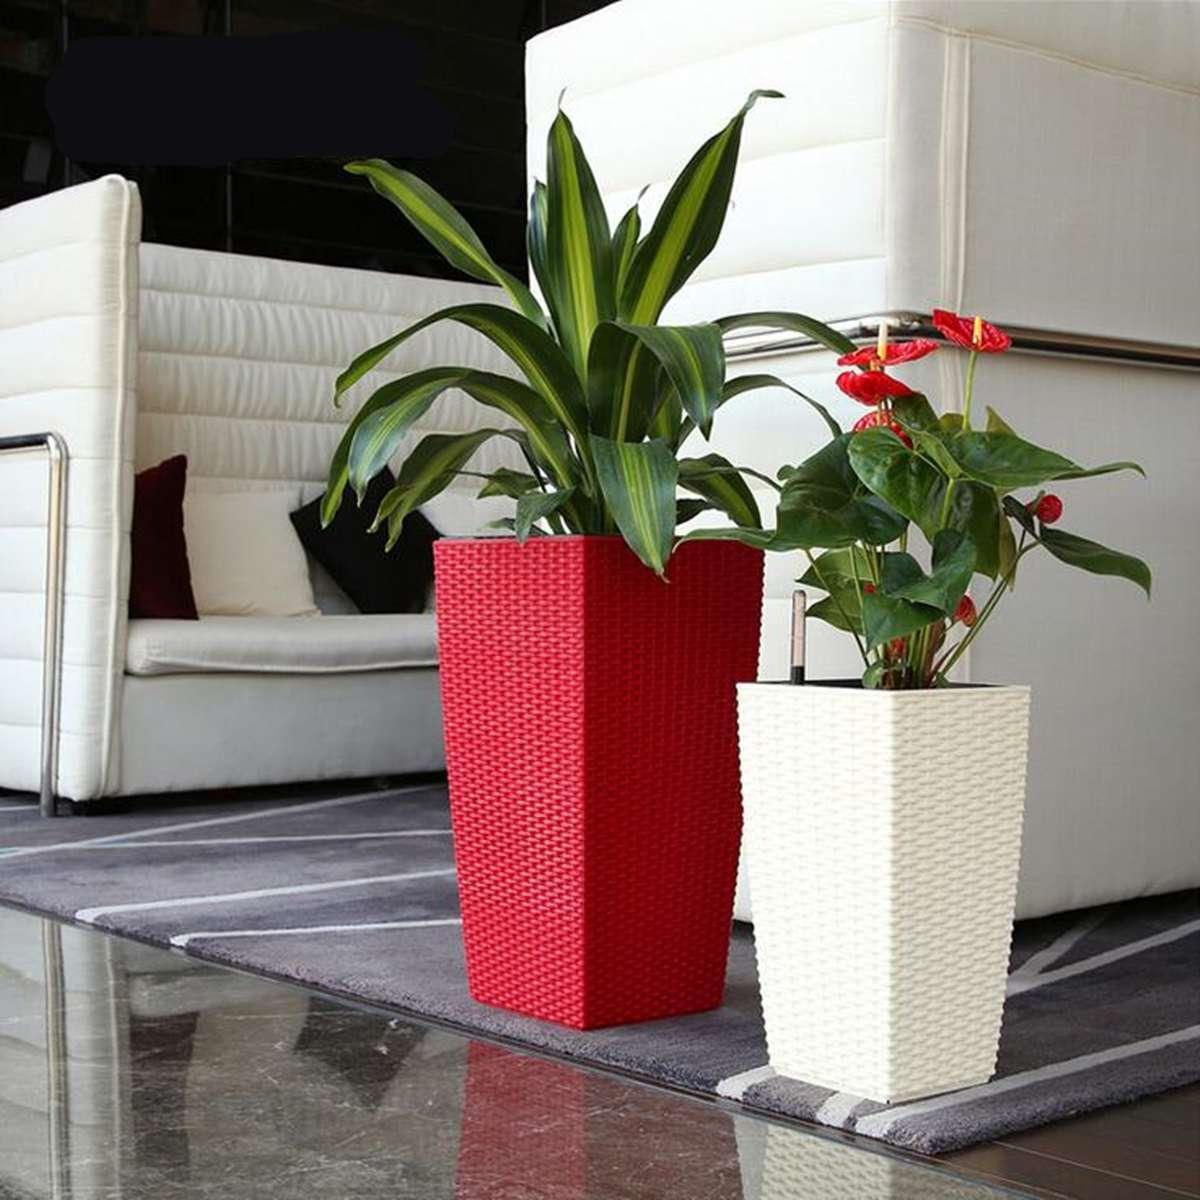 Gros Pot Fleur Plastique extérieur / intérieur creatives arrosage auto planteur le jardinage en  plastique de jardin tissé pot de fleurs avec l'eau indicateur de niveau